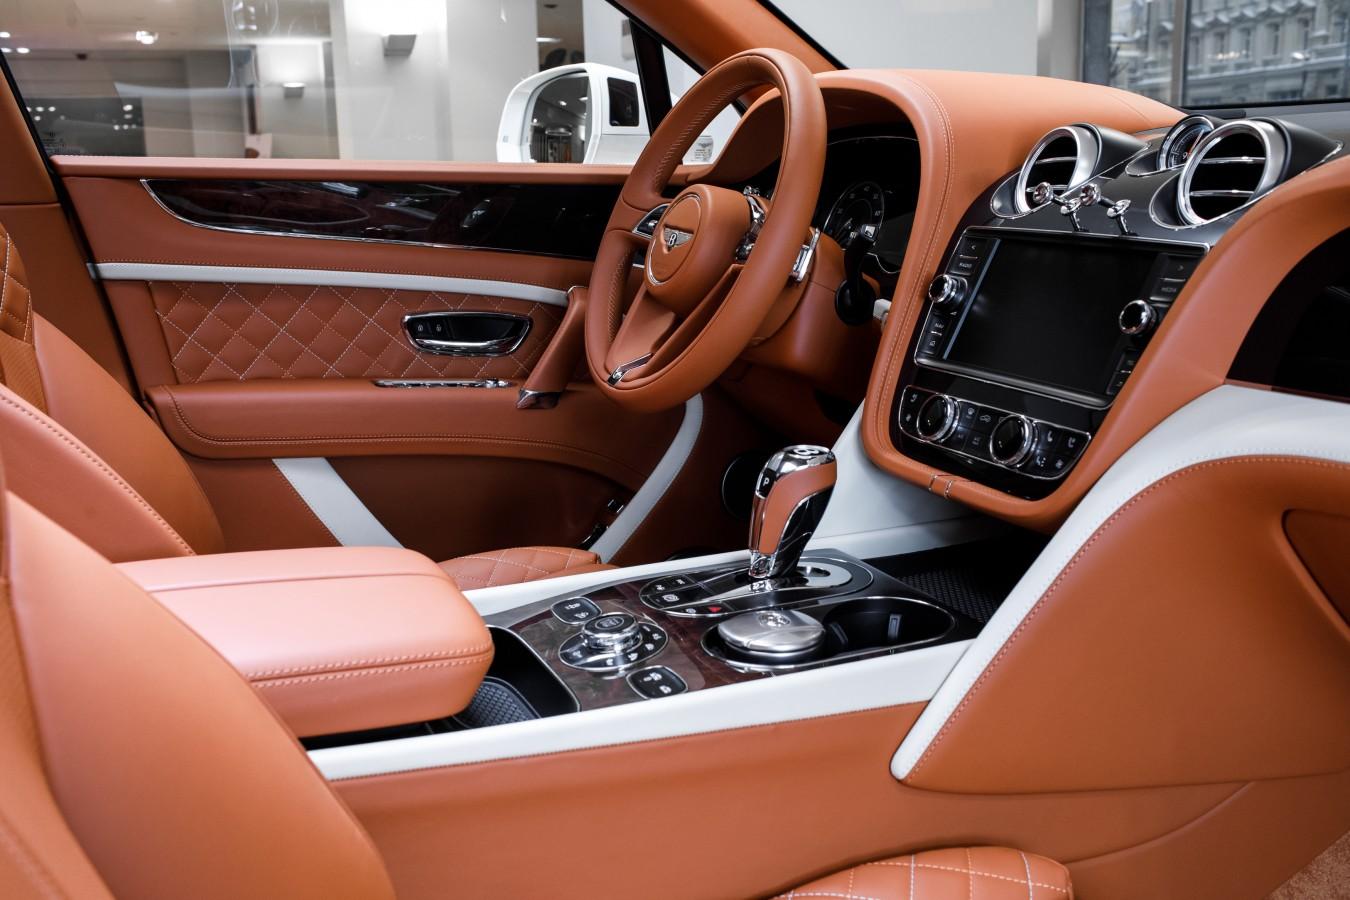 Для нее - изображение 060218Bentley_022 на Bentleymoscow.ru!